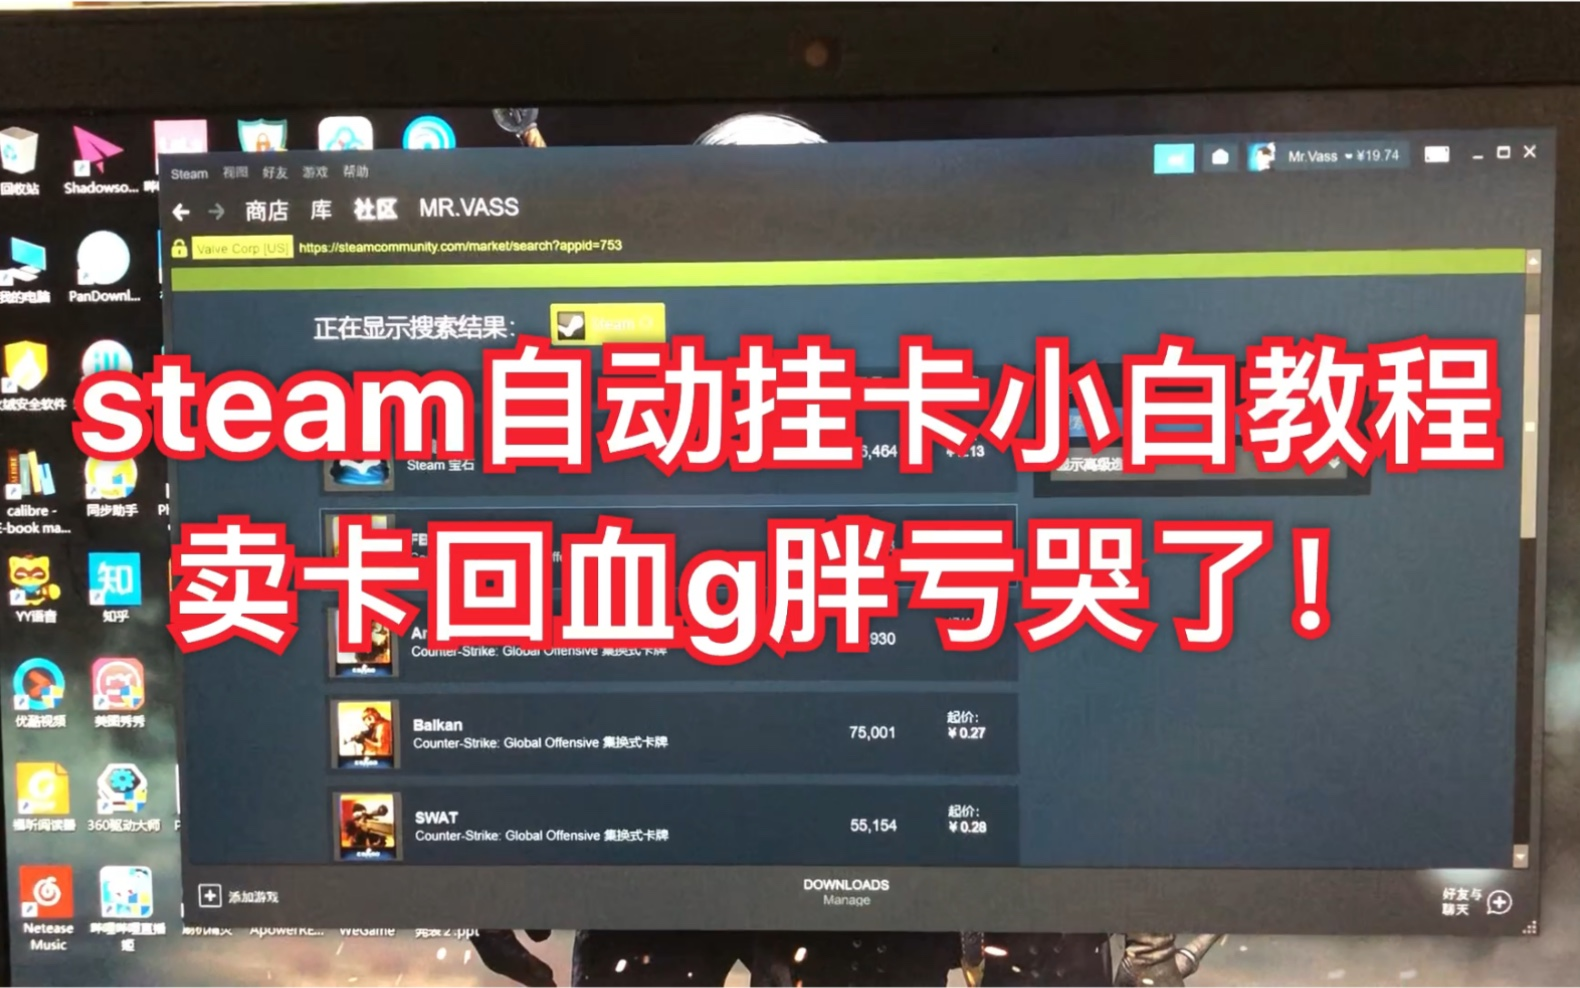 steam自動掛卡小白教程!超簡單idle master軟件使用指南!_嗶哩嗶哩 (゜-゜)つロ 干杯~-bilibili